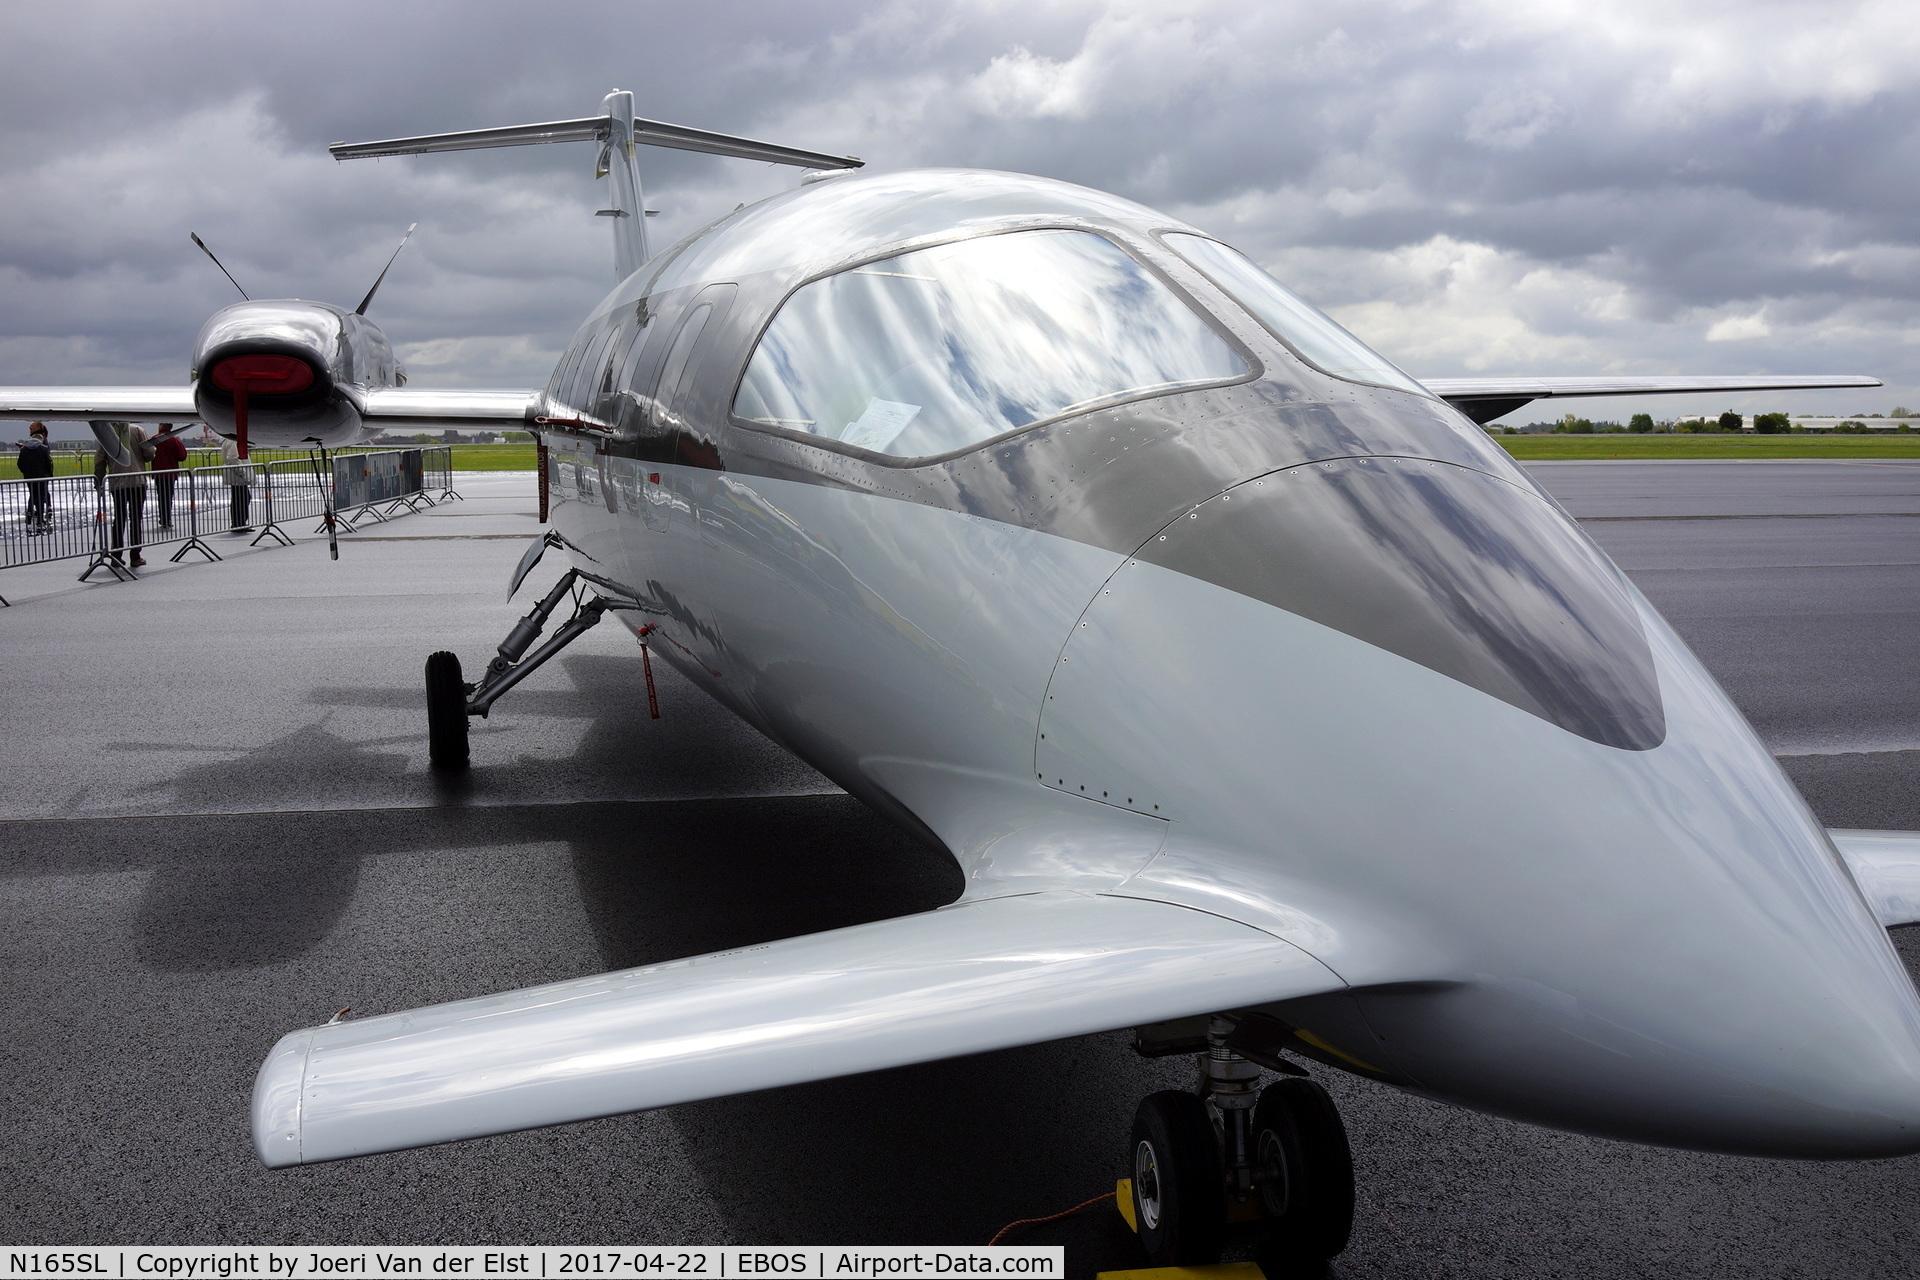 N165SL, 2007 Piaggio P-180 C/N 1135, Luchtvaartdag 2017